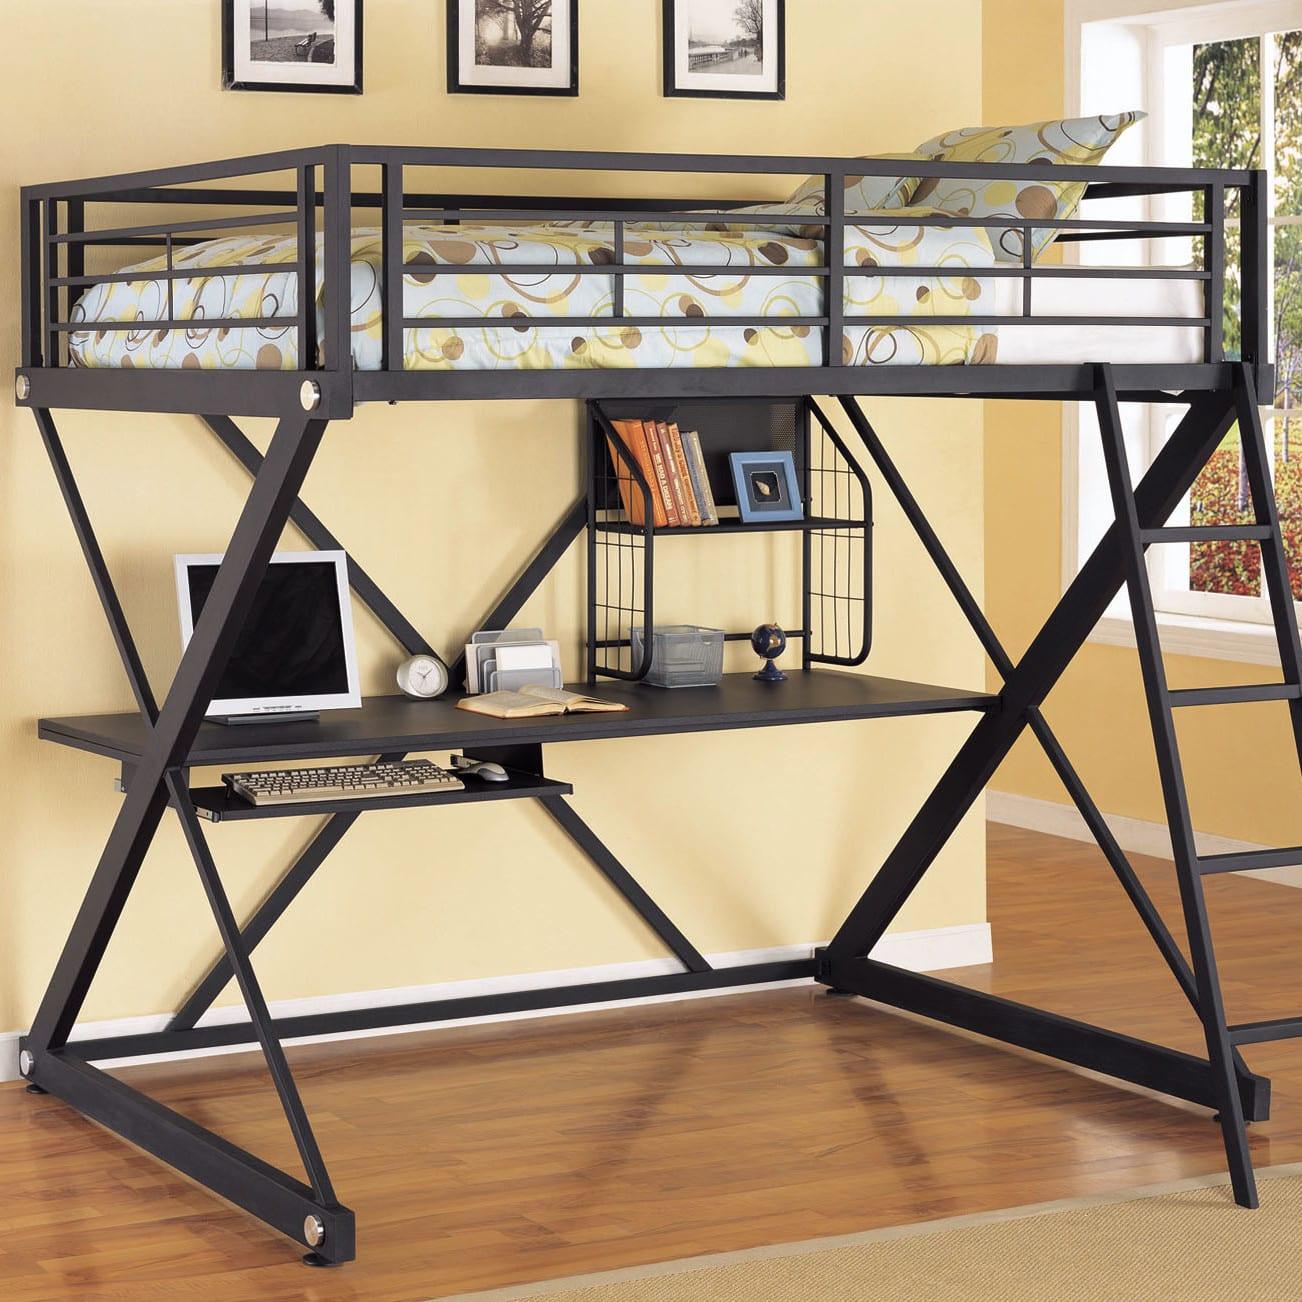 Arresting Loft Beds Loft Bed Loft Bed Adult Loft Beds Adult Loft Beds Loft Beds Bunk Bed Desk Storage Bunk Bed Desk Plans baby Bunk Bed Desk